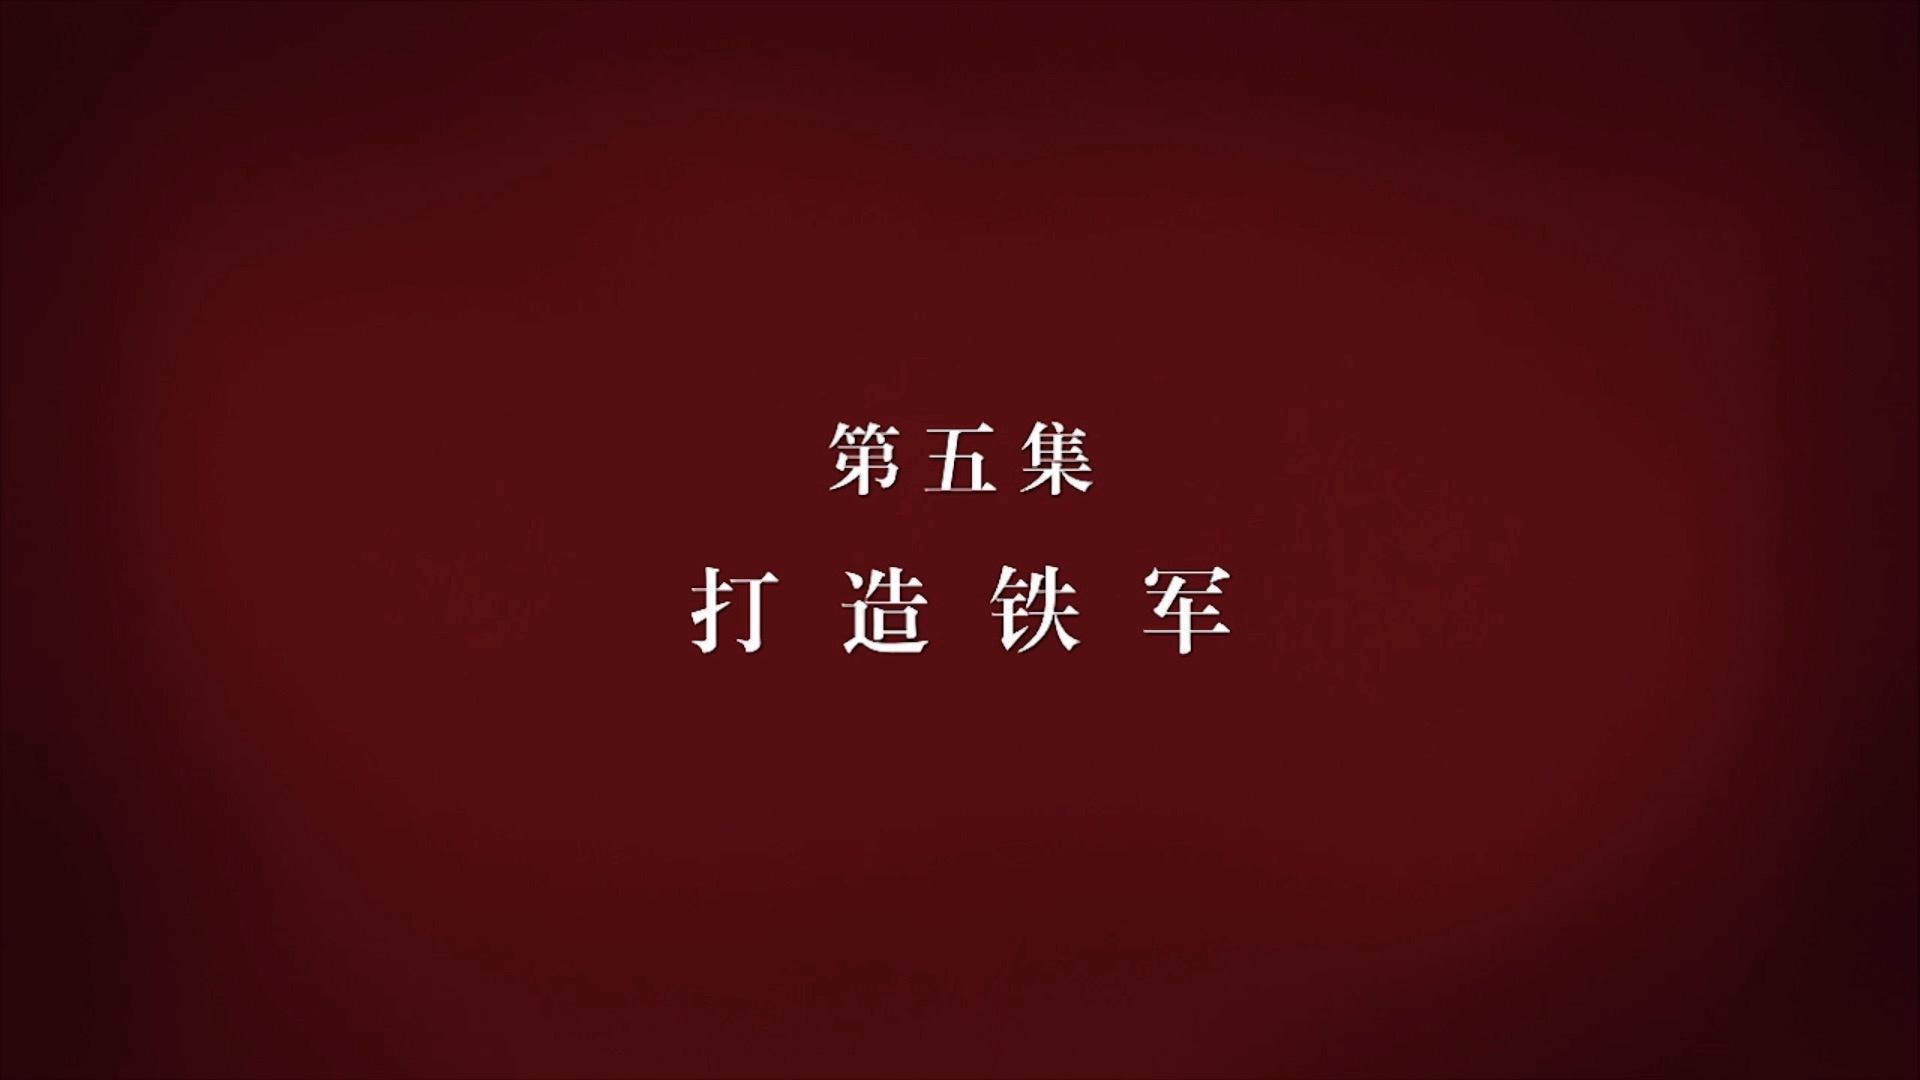 边反腐边腐败 省纪委领导唆使涉案人强硬对抗调查图片